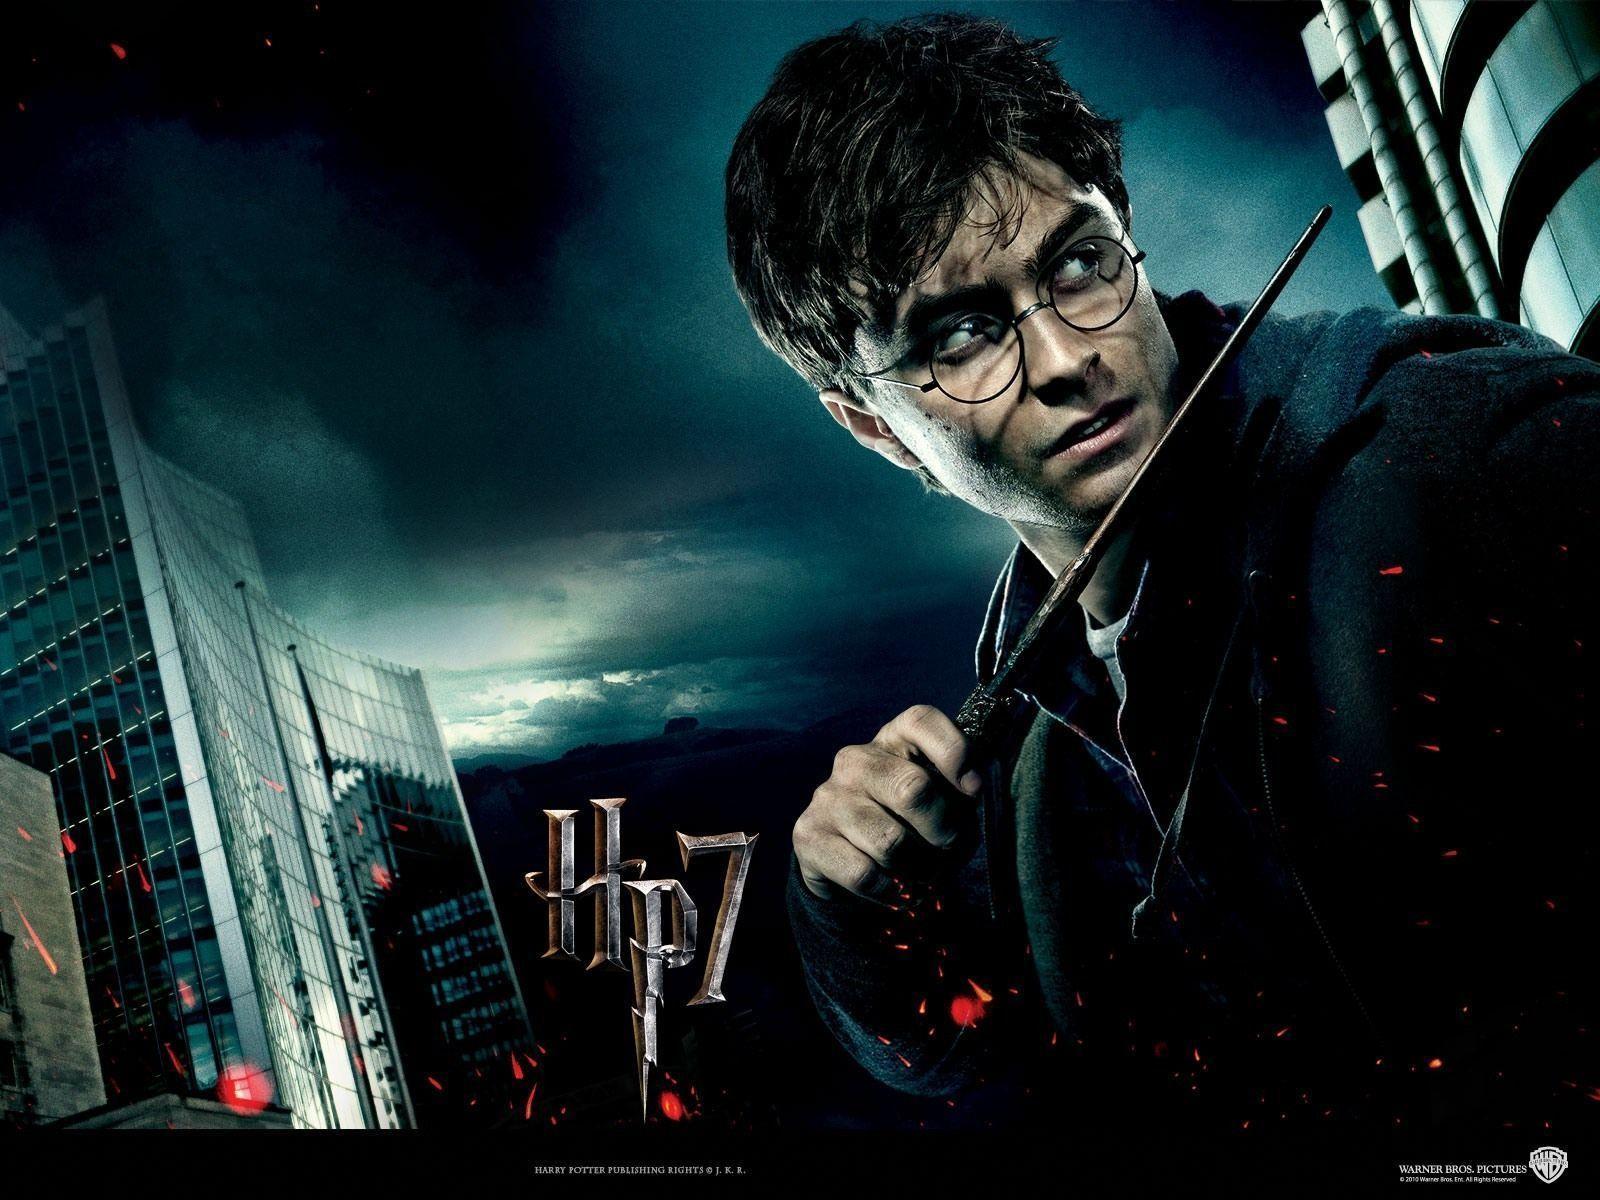 Harry Potter Desktop Wallpaper Wallpapers003 - Harry Potter Wallpaper 4k - HD Wallpaper